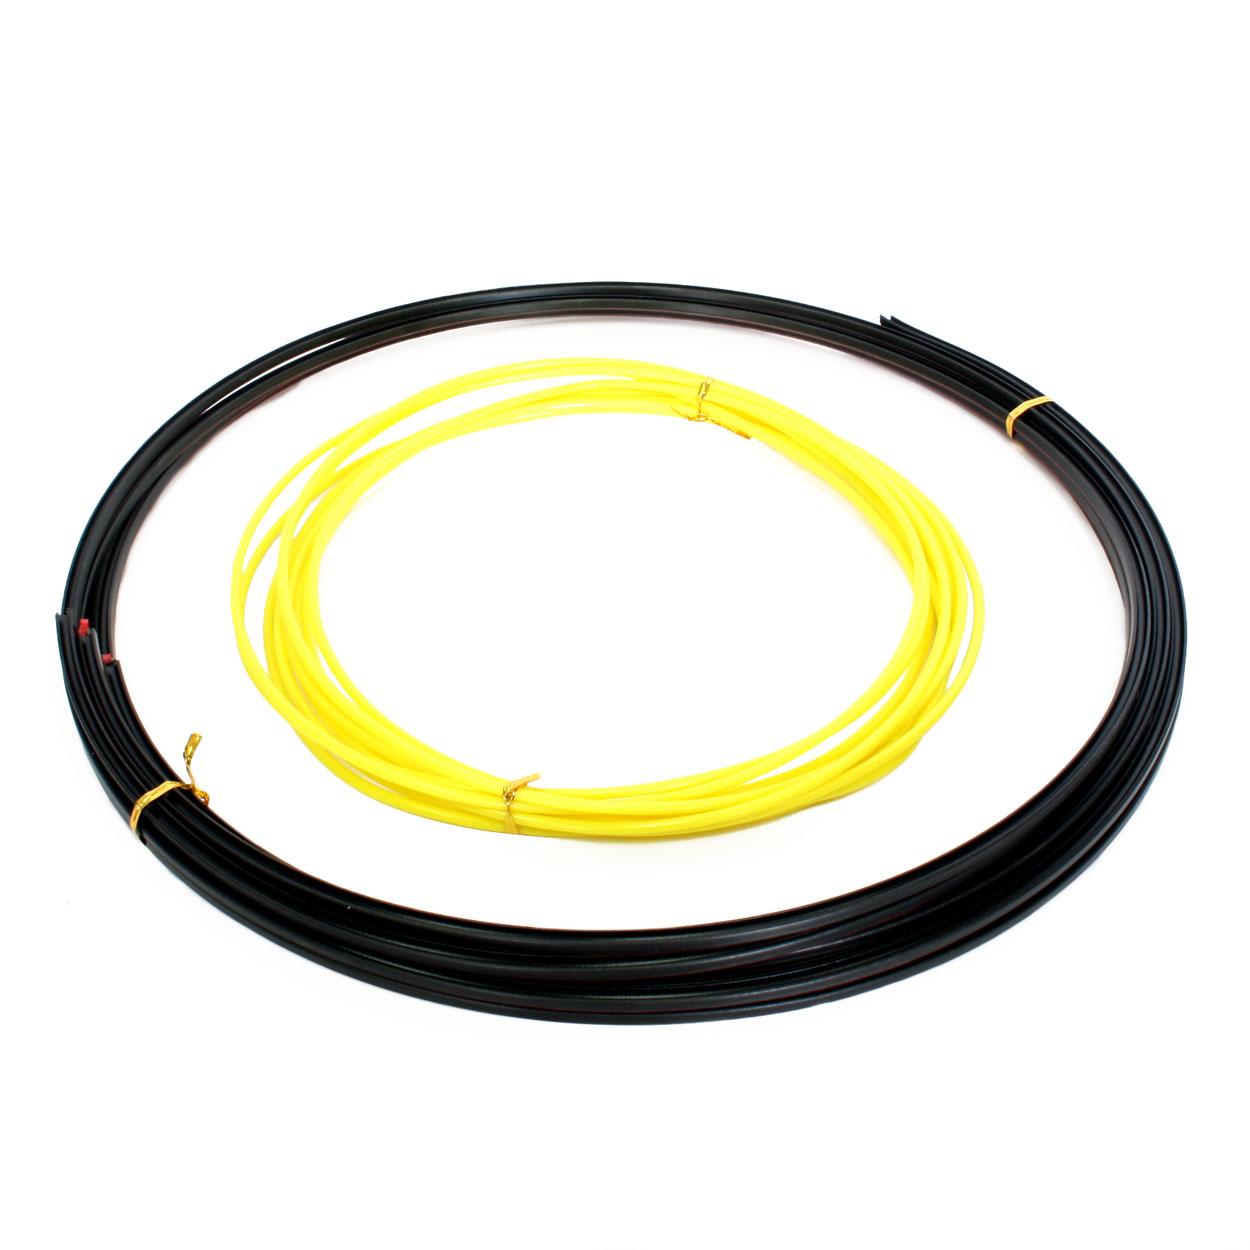 Evo Tuning Rim Protector Stripe (yellow)